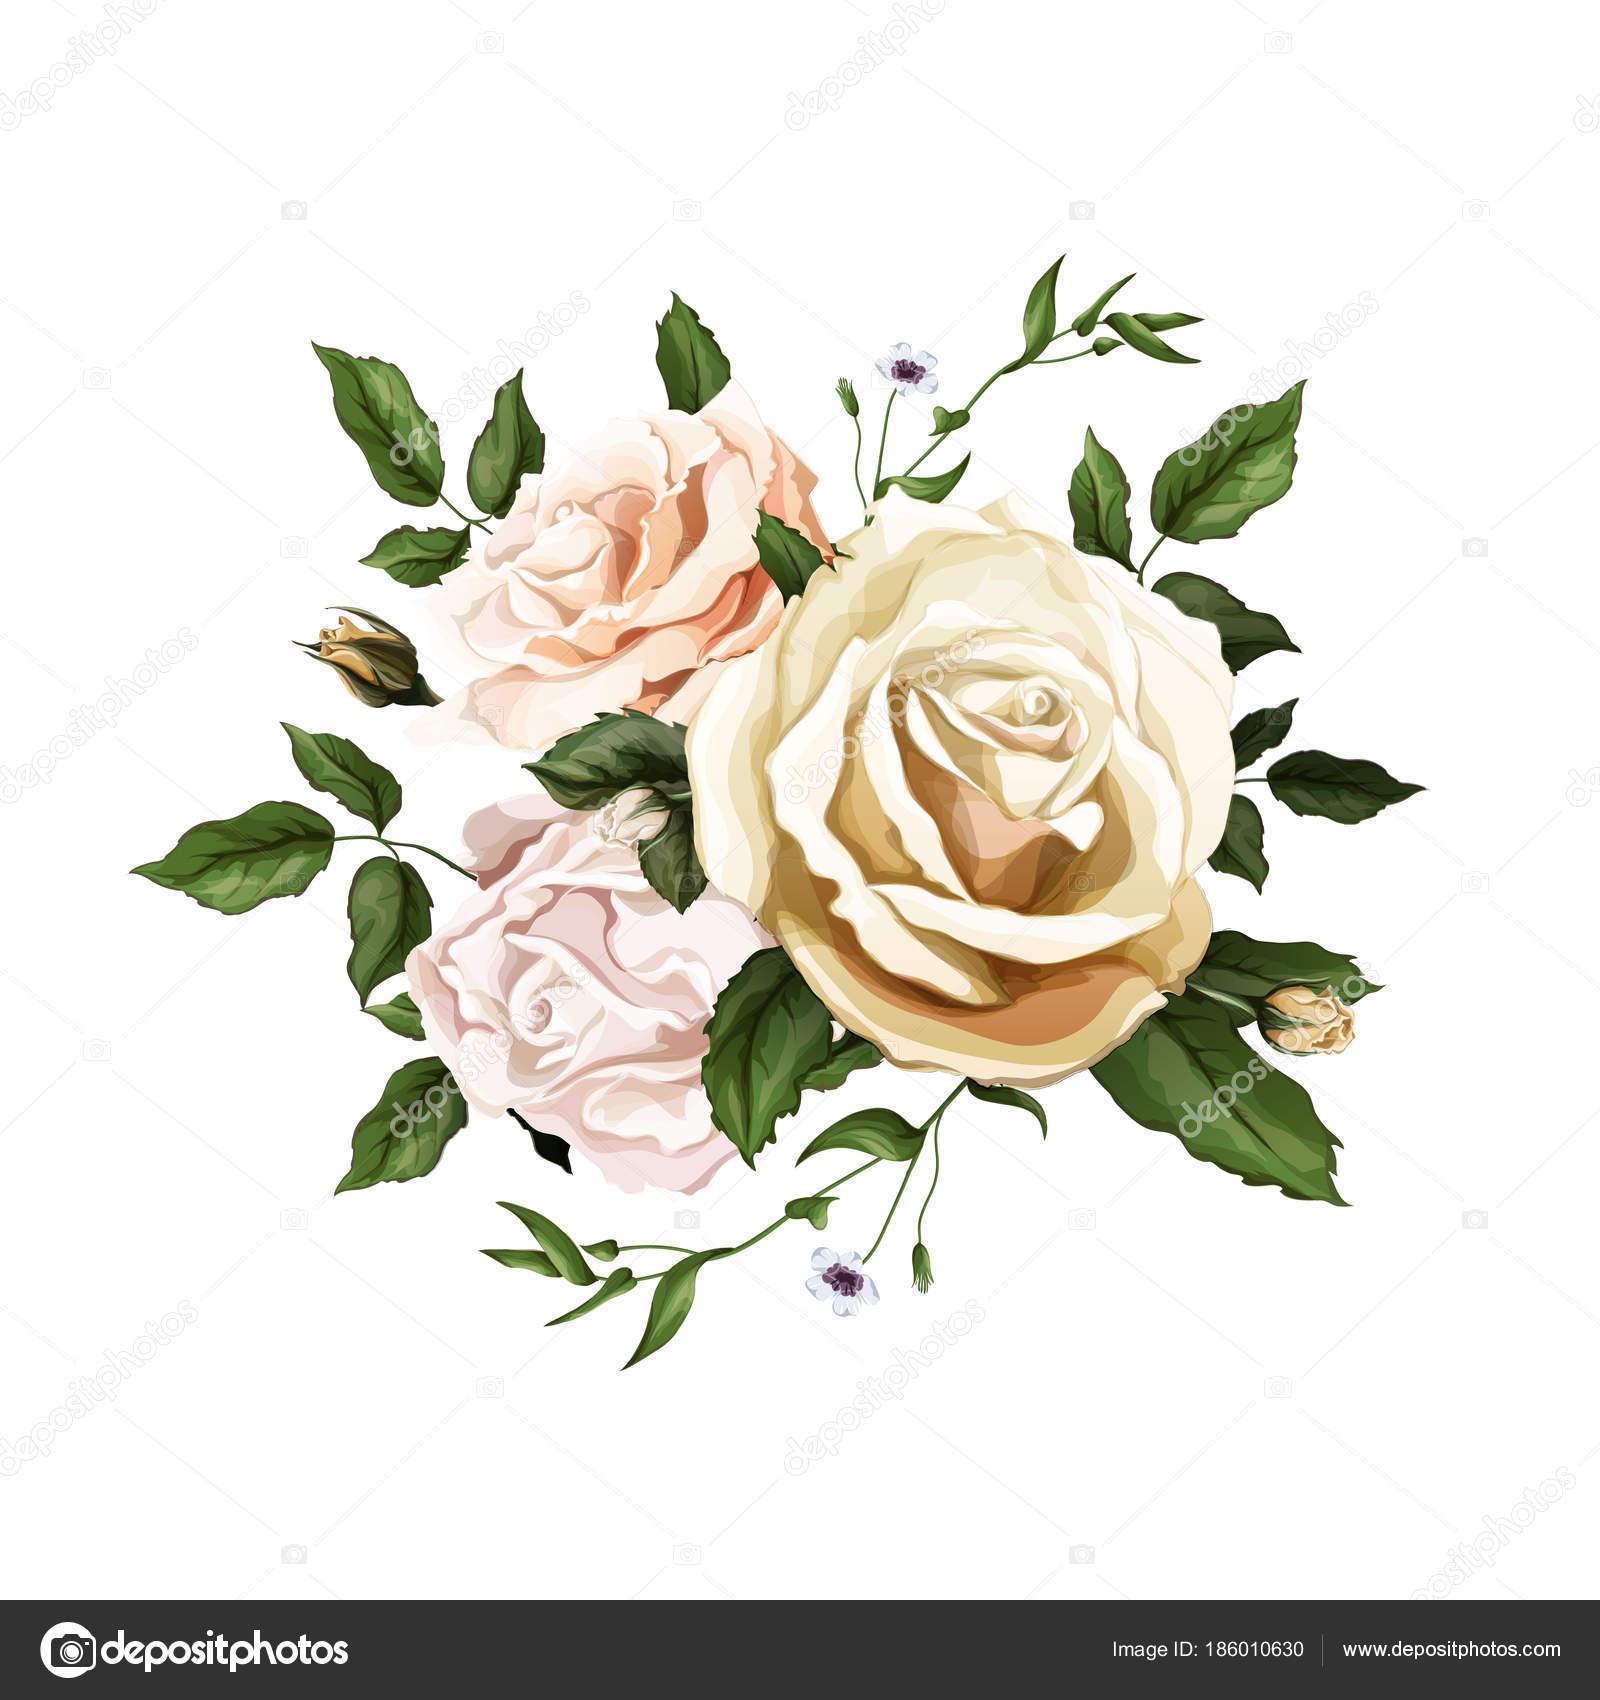 Aquarelle Réaliste Vecteur Rose Bouquet De Feuilles Image